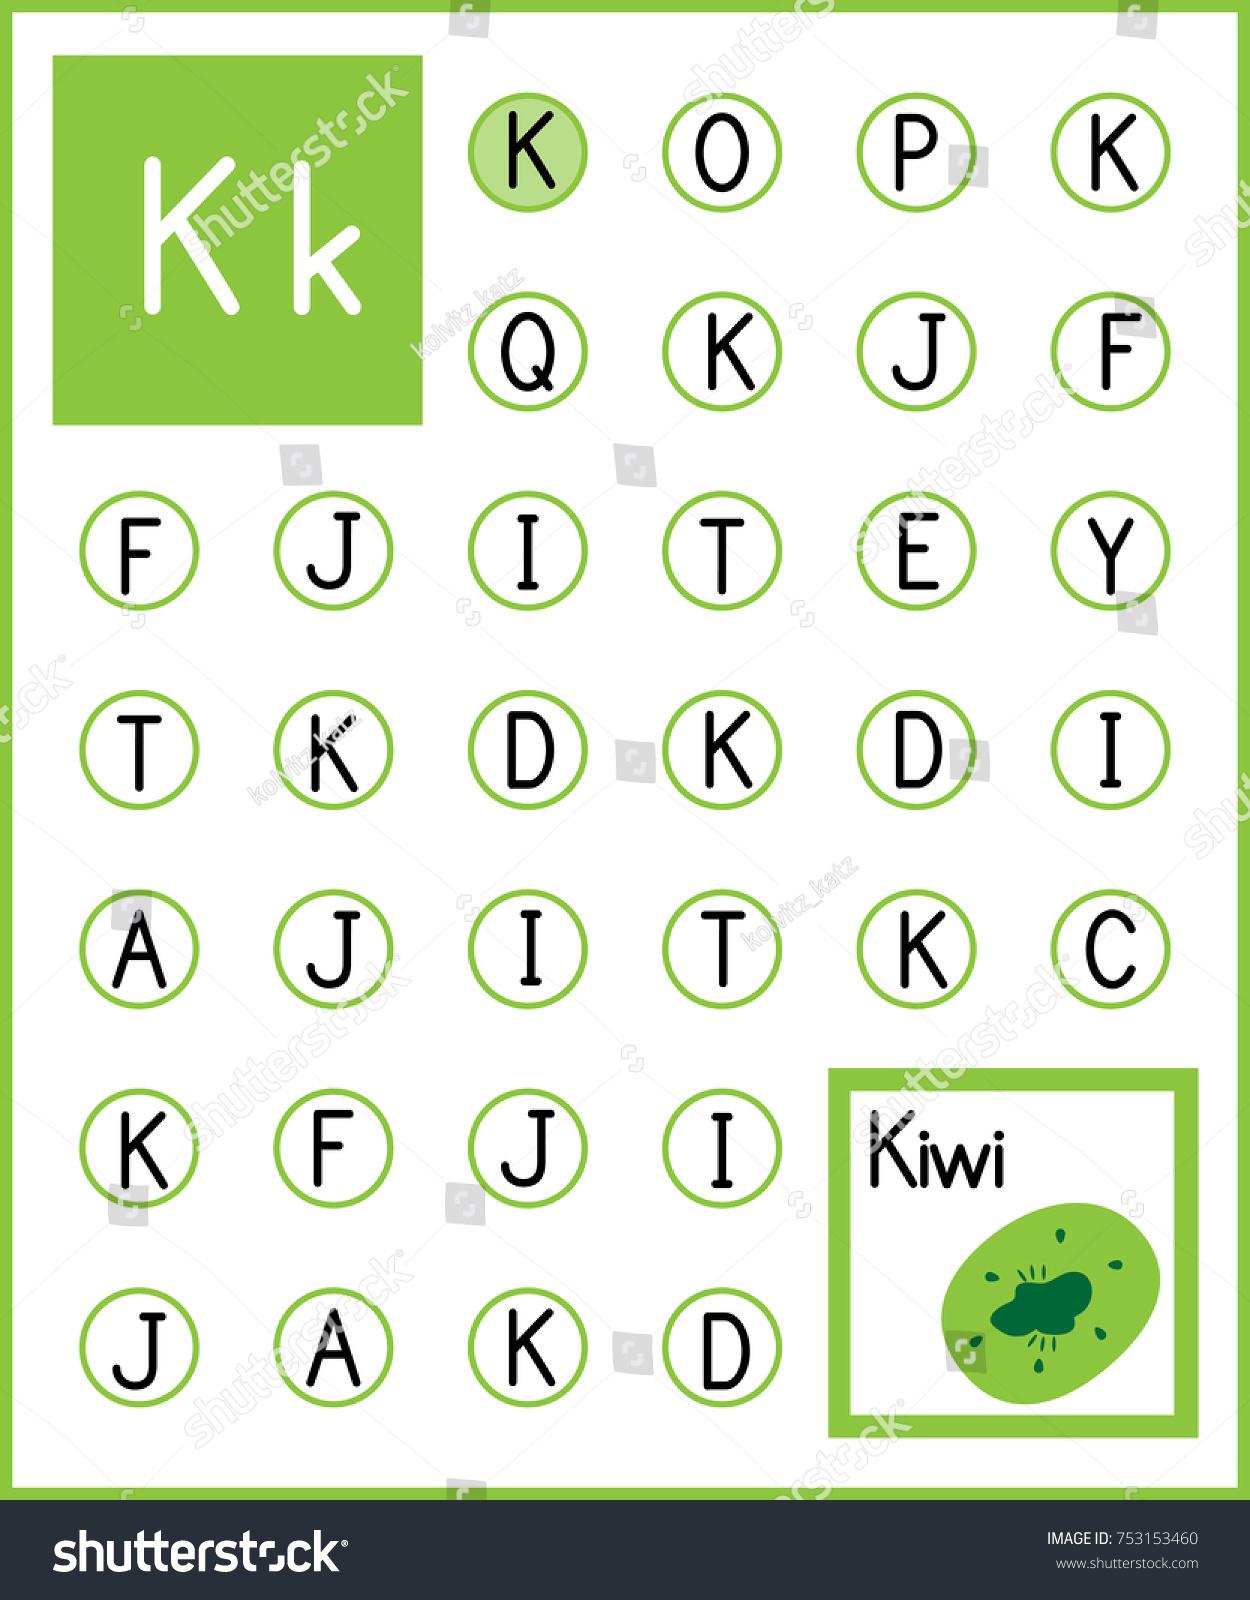 Worksheet Alphabet Activity Pre Schoolers Kindergarten Stock Photo ...